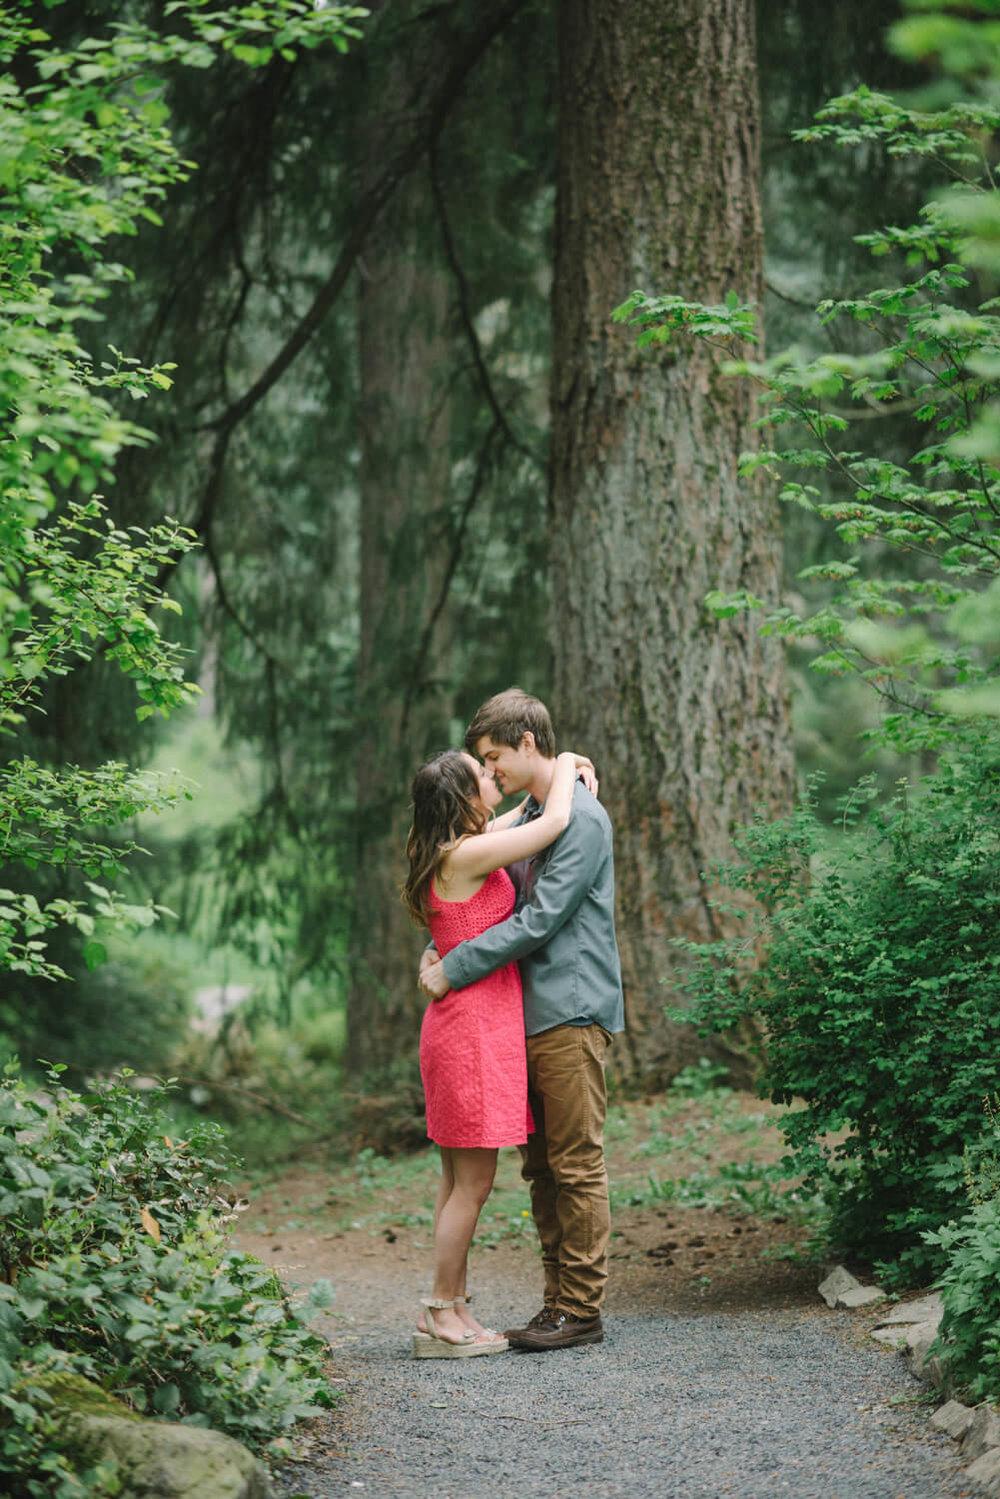 portland-engagement-photography-washington-park-hoyt-arboretum-shelley-marie-photo-214-Edit.jpg